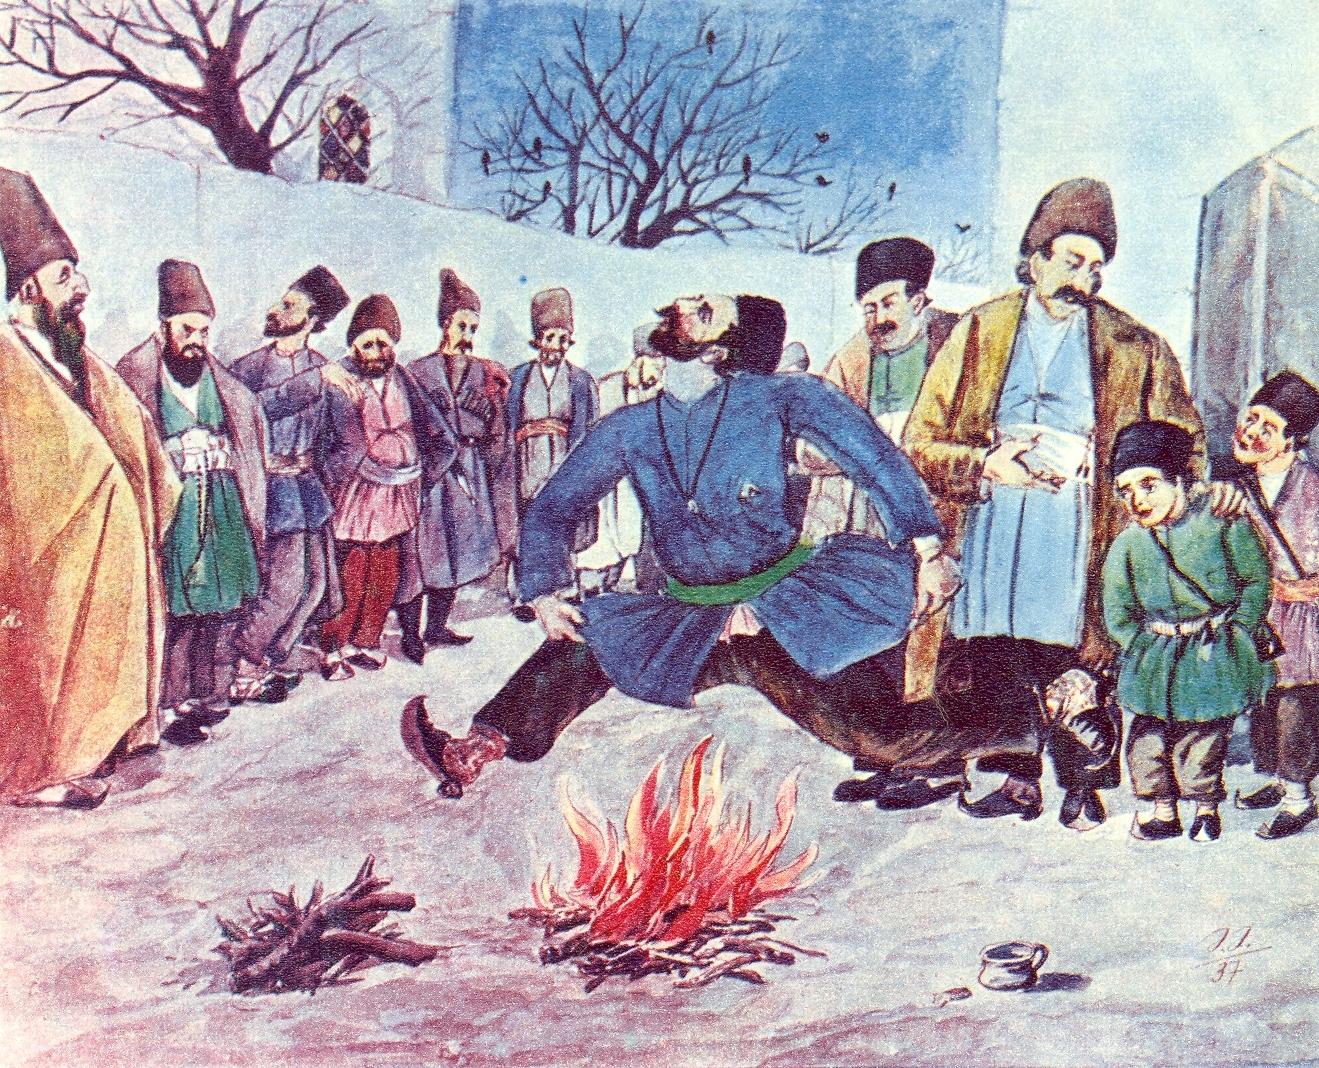 Azim Azimzade / Public domain